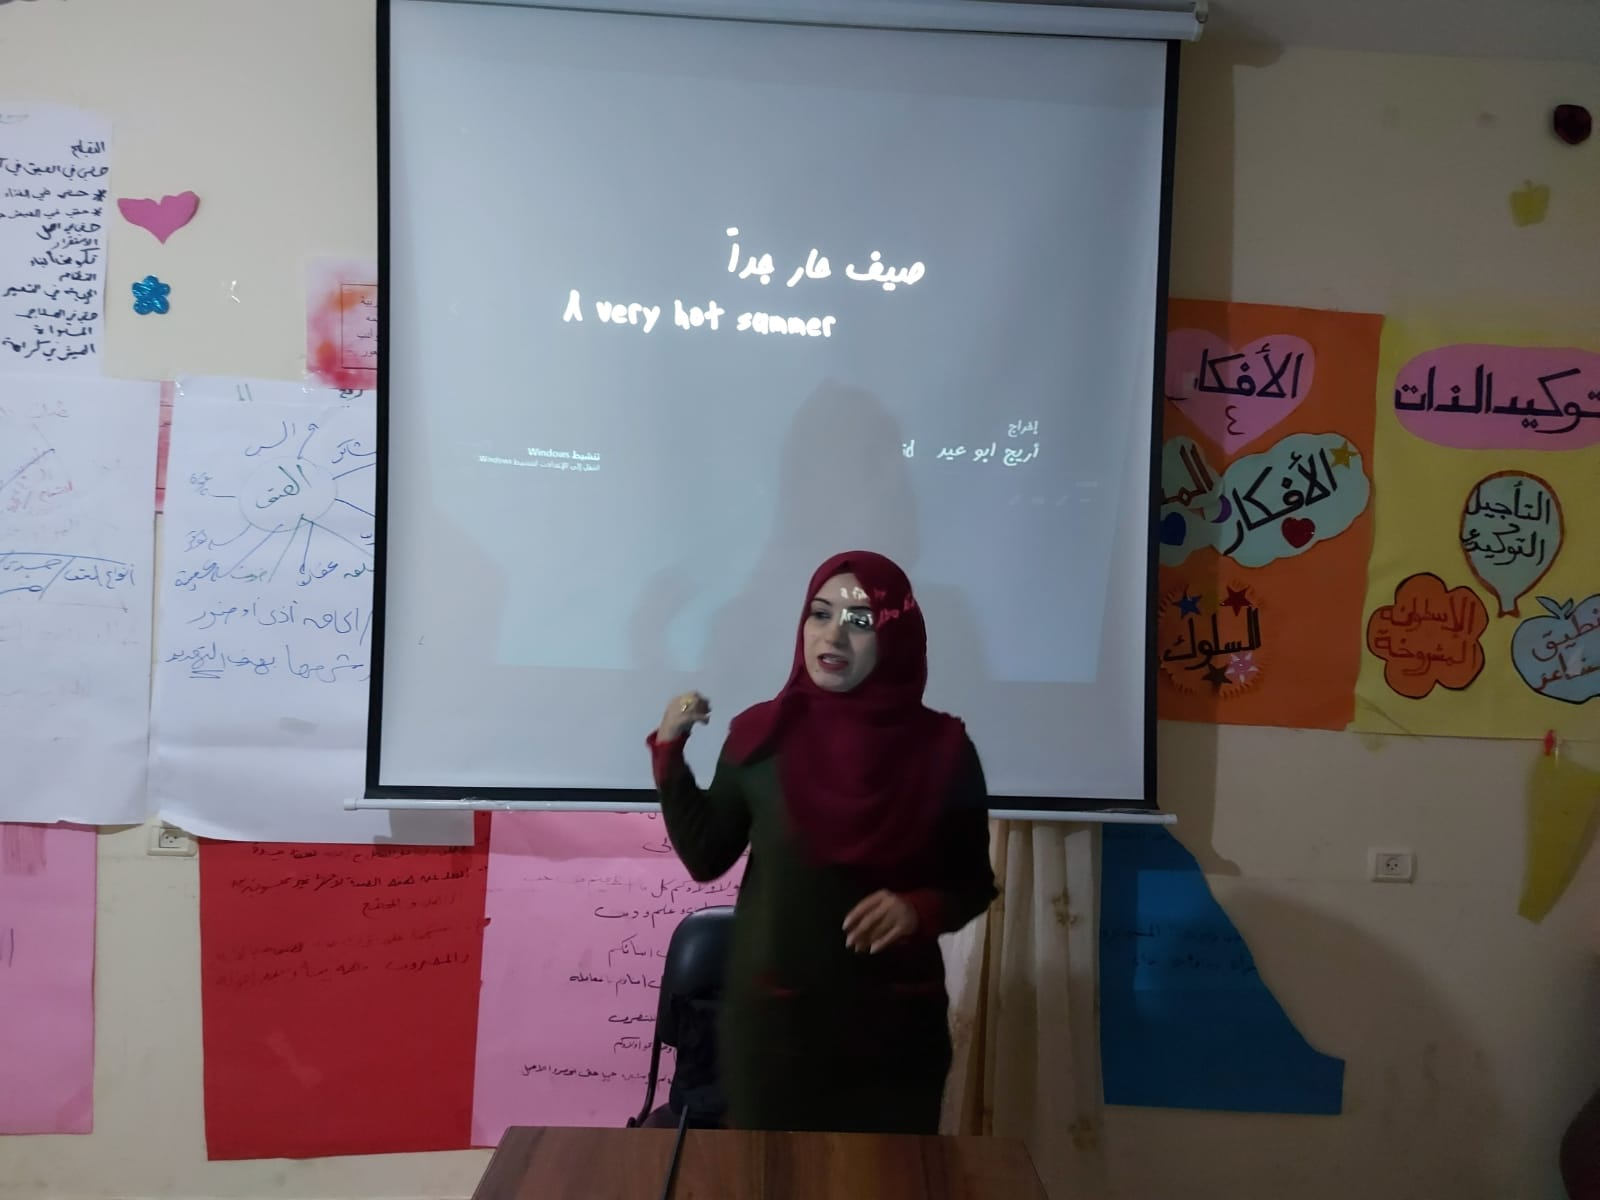 """ضمن مشروع"""" يلا نشوف فيلم"""" اتحاد لجان المرأة الفلسطينية يعرض فيلم صيف حار جدا."""